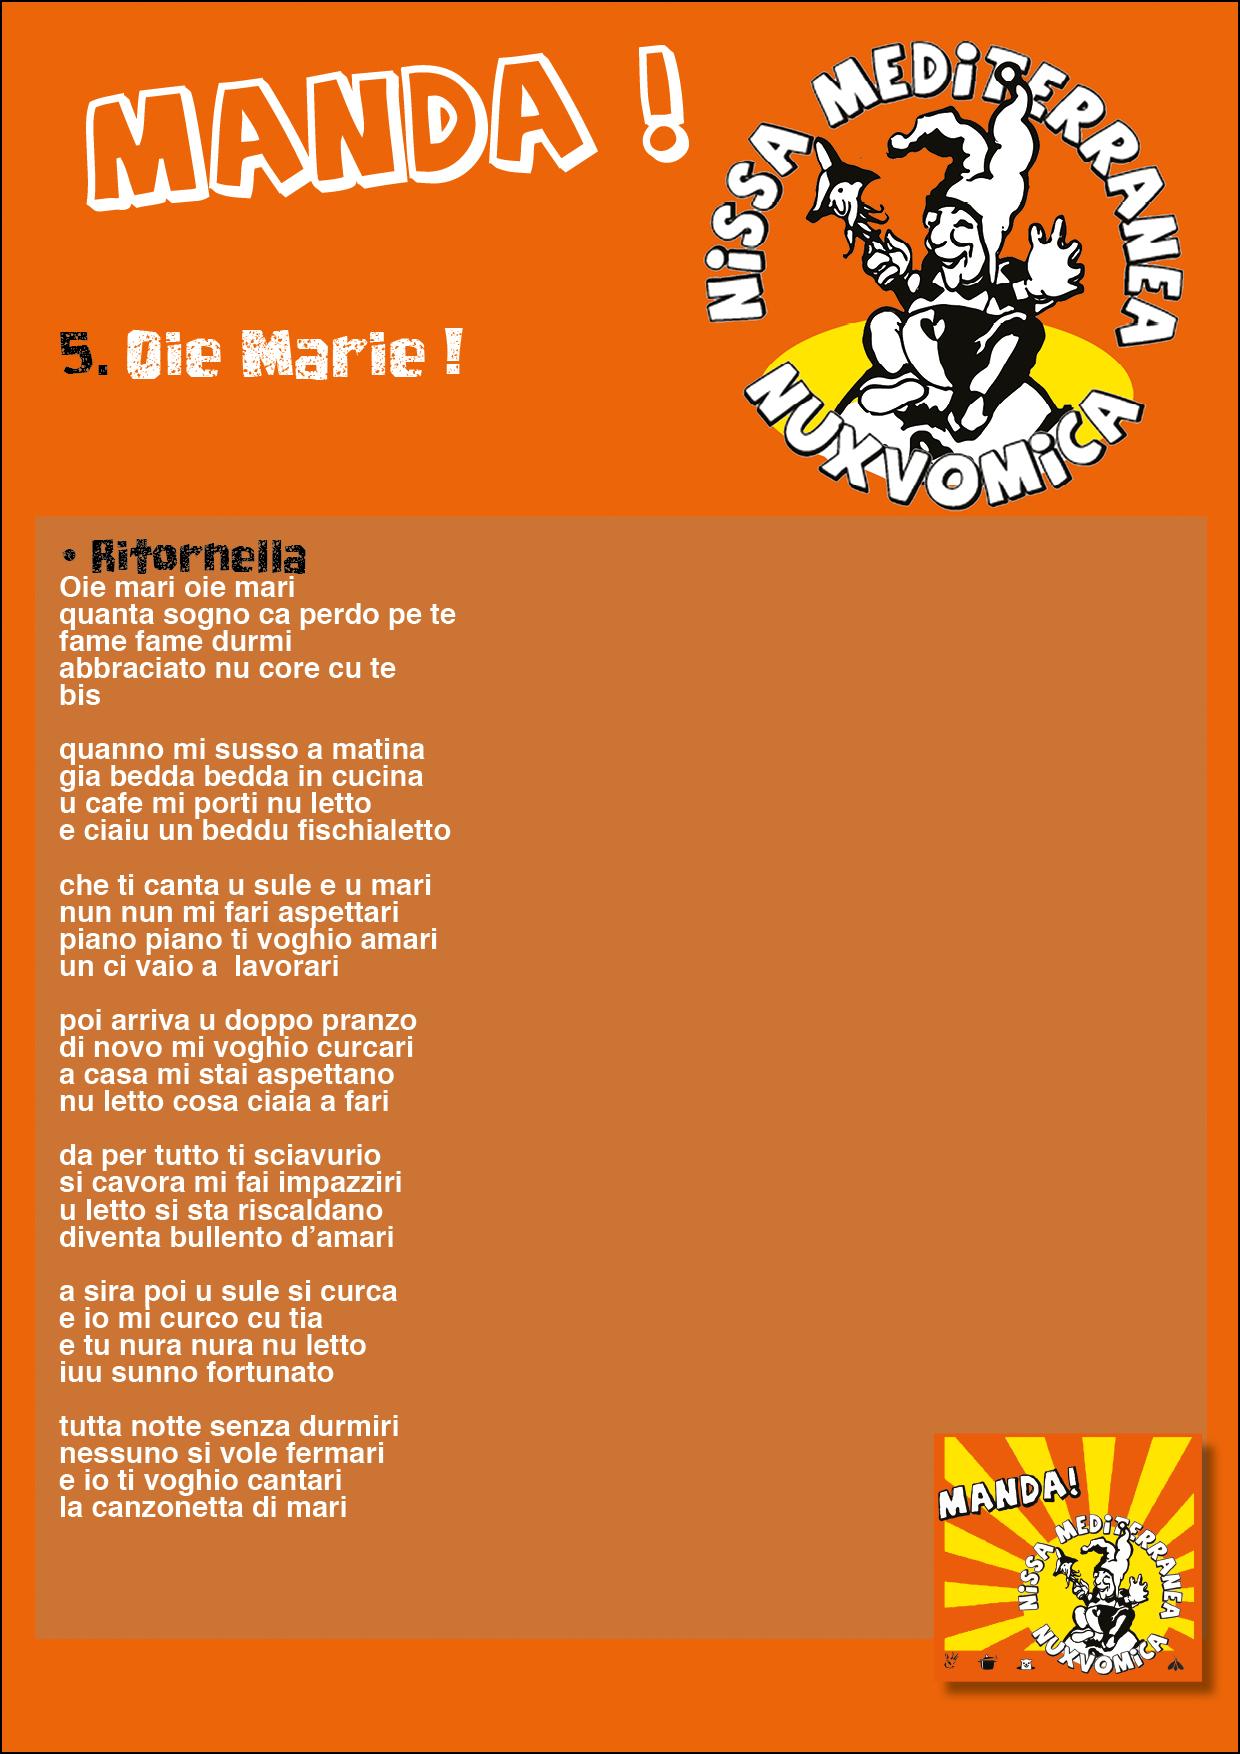 canson manda sito 5  Oie Marie